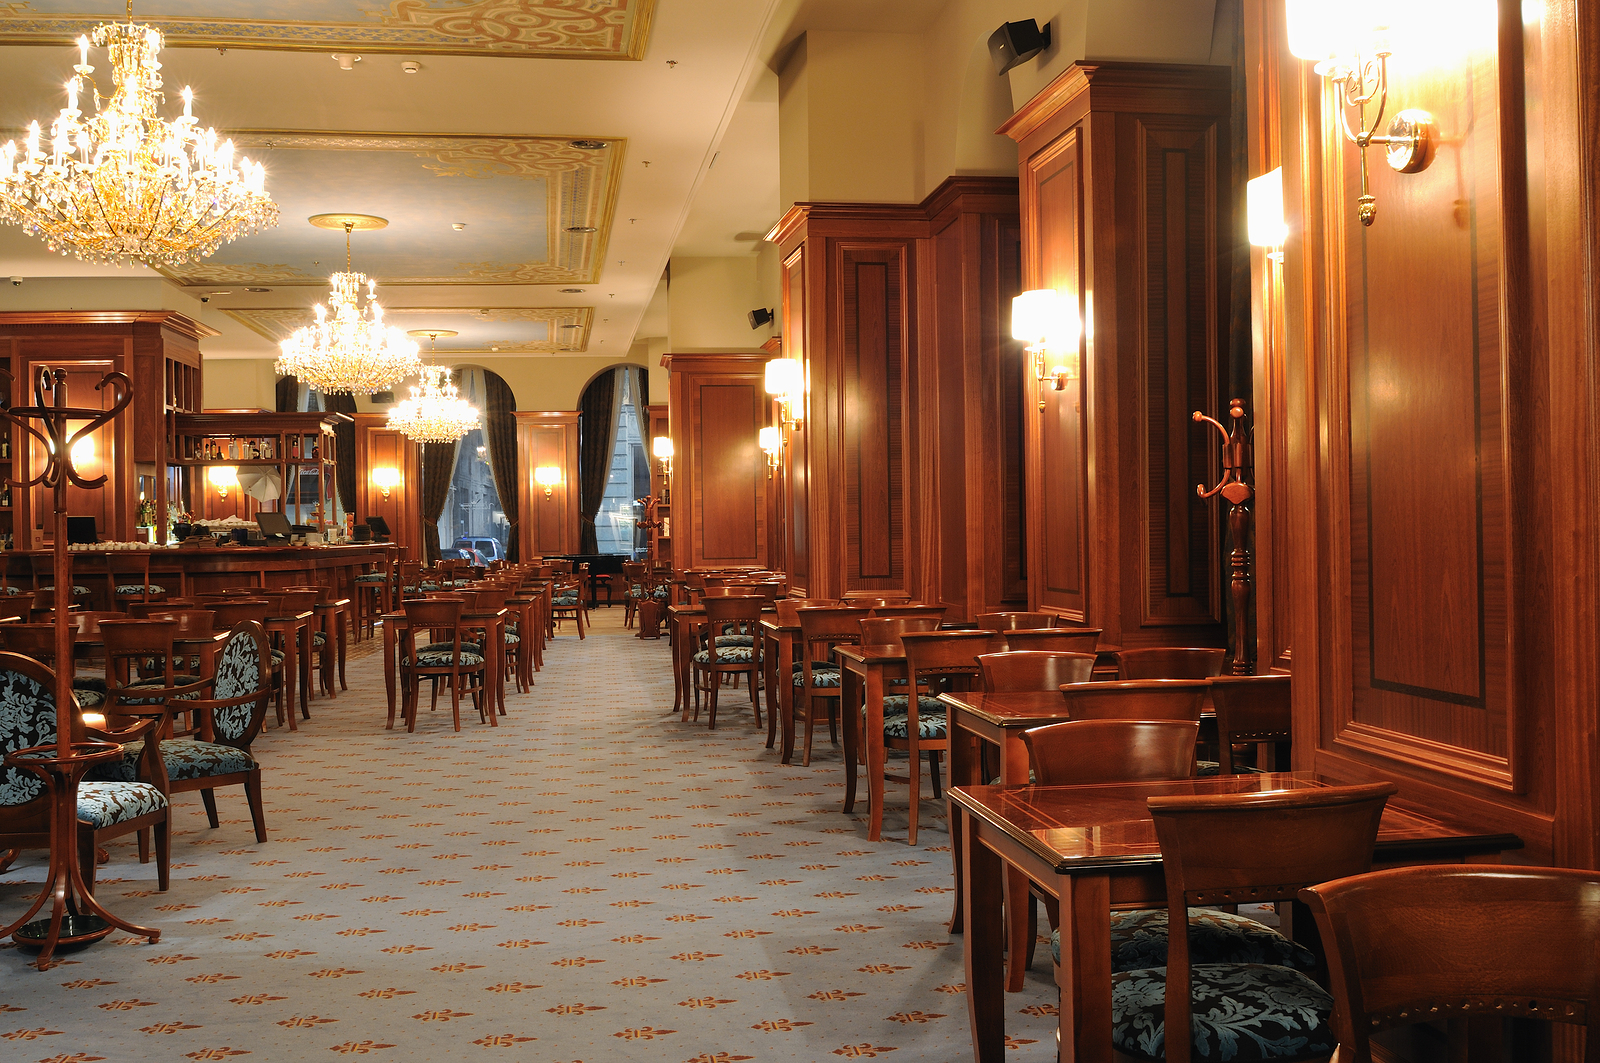 restorani-bari-kafe-0007